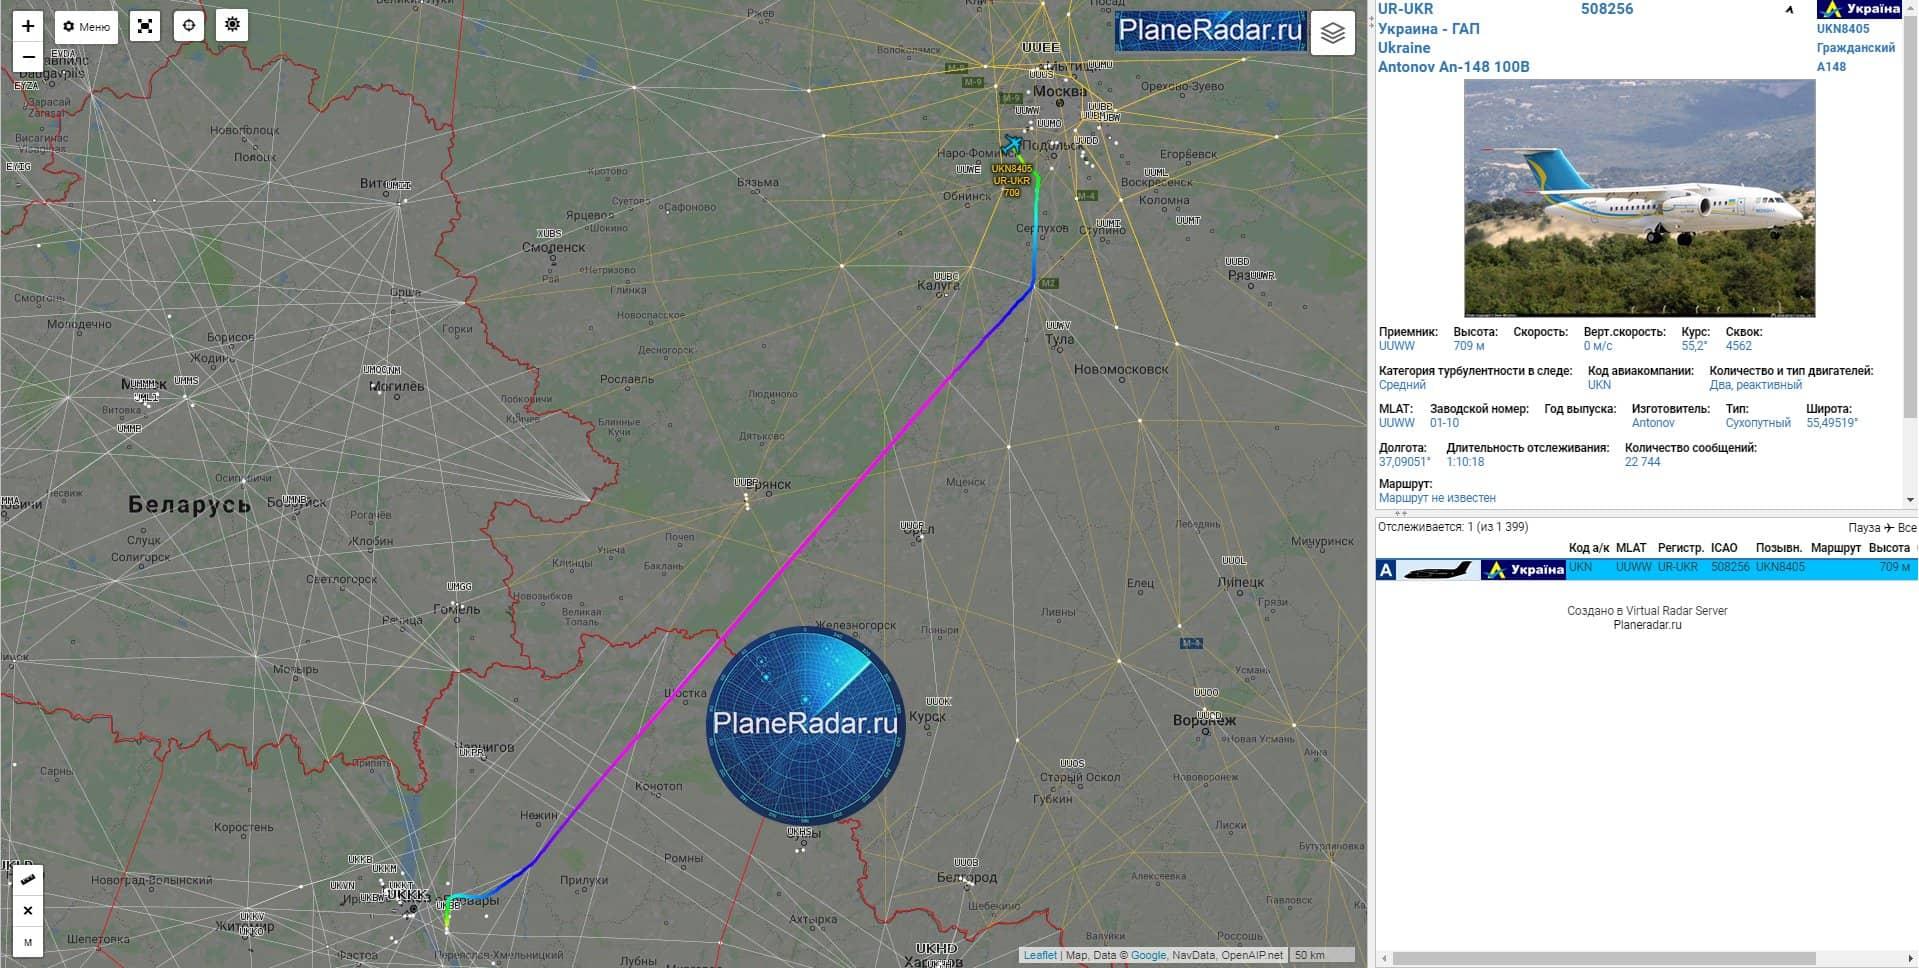 Ан-148 з бортовим номером UR-UKR прибув до Москви